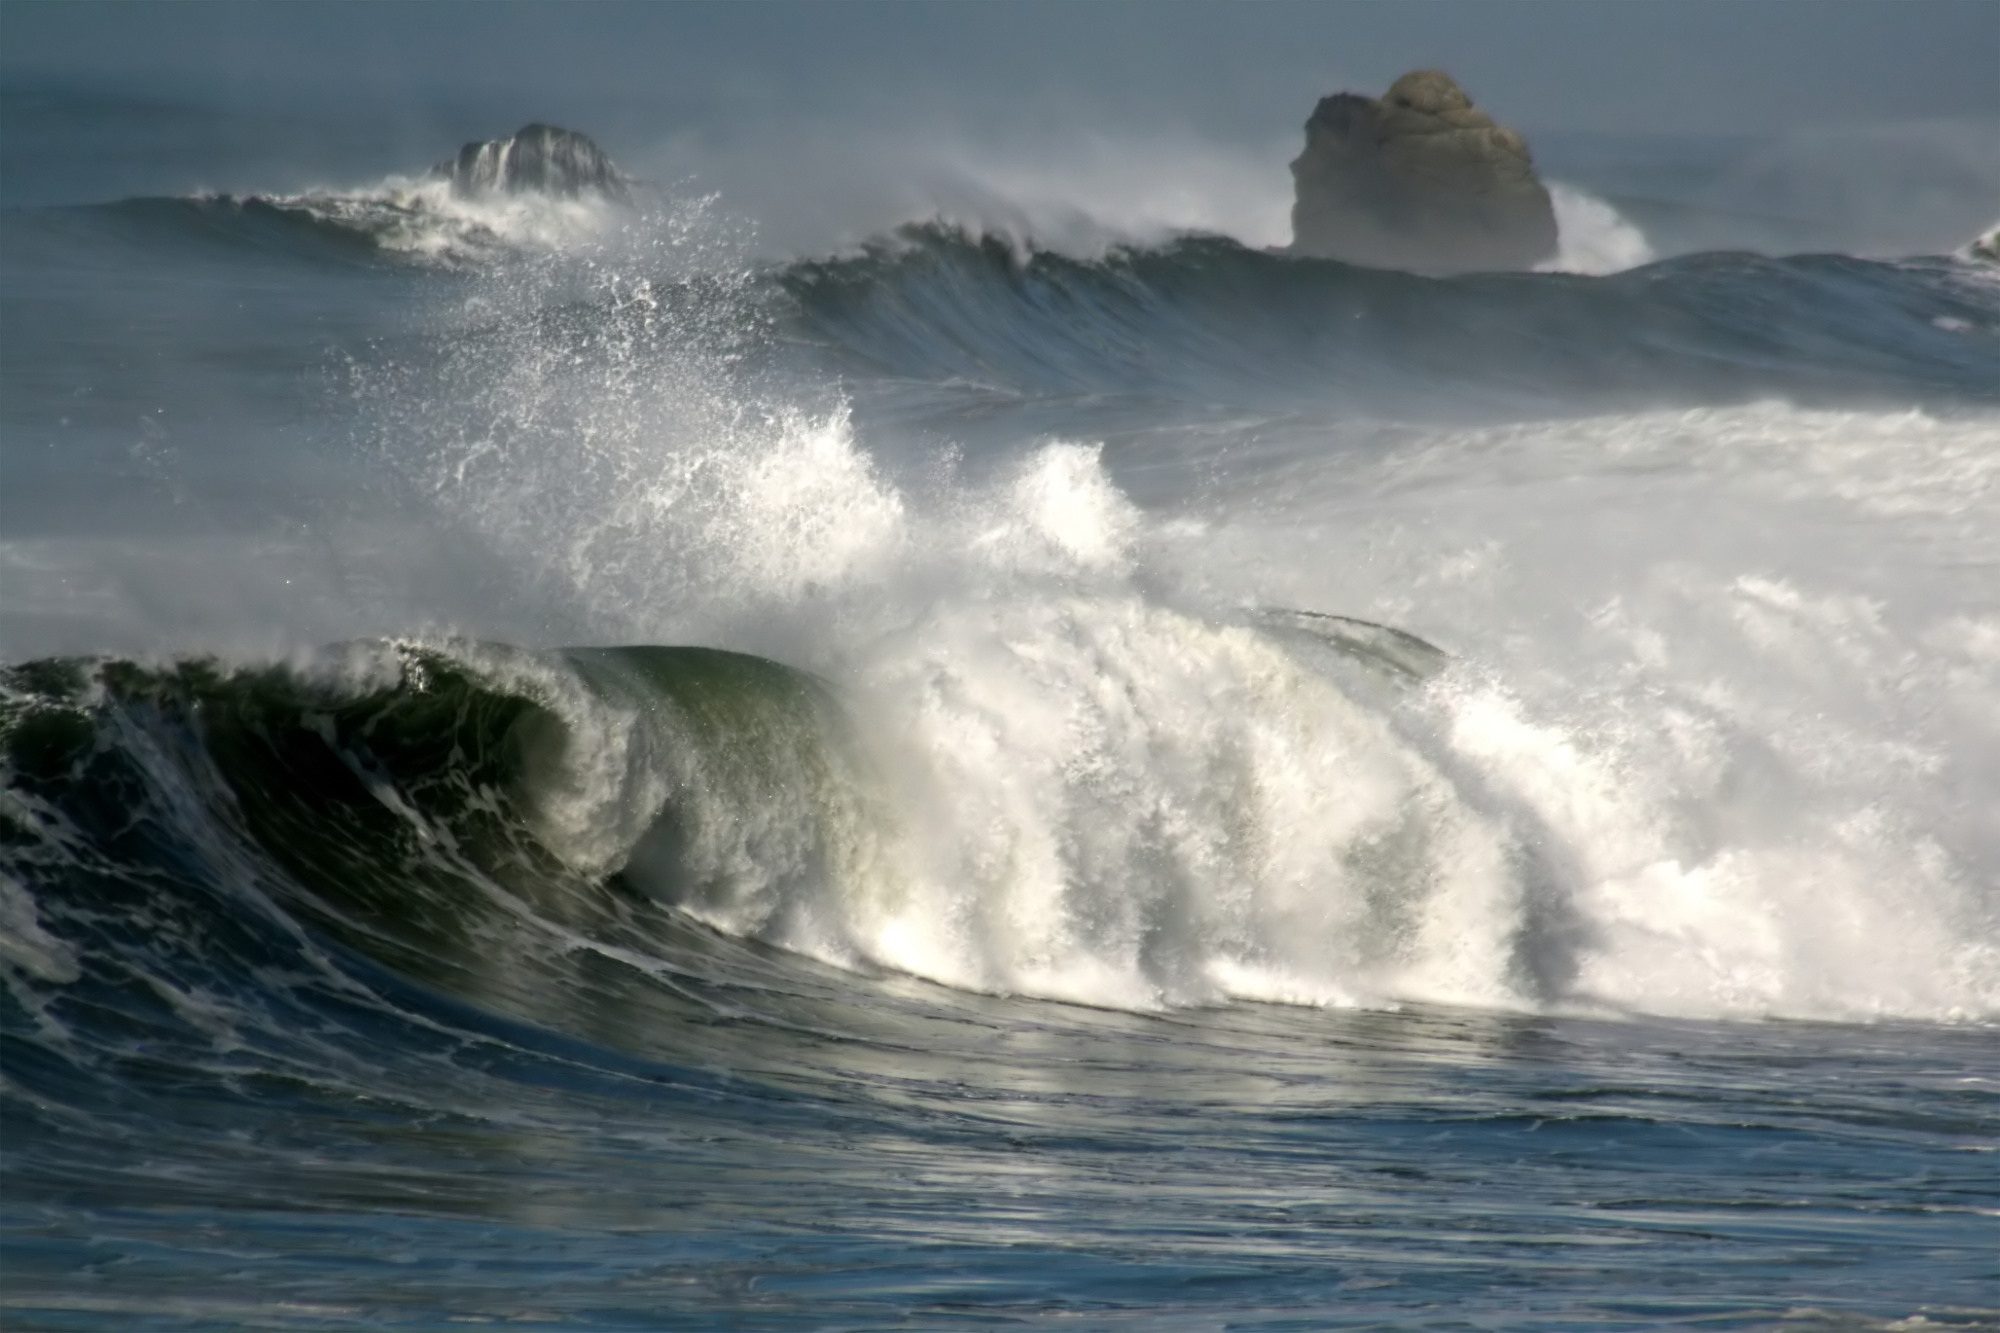 Из-за глобального потепления океаны стали более бурными